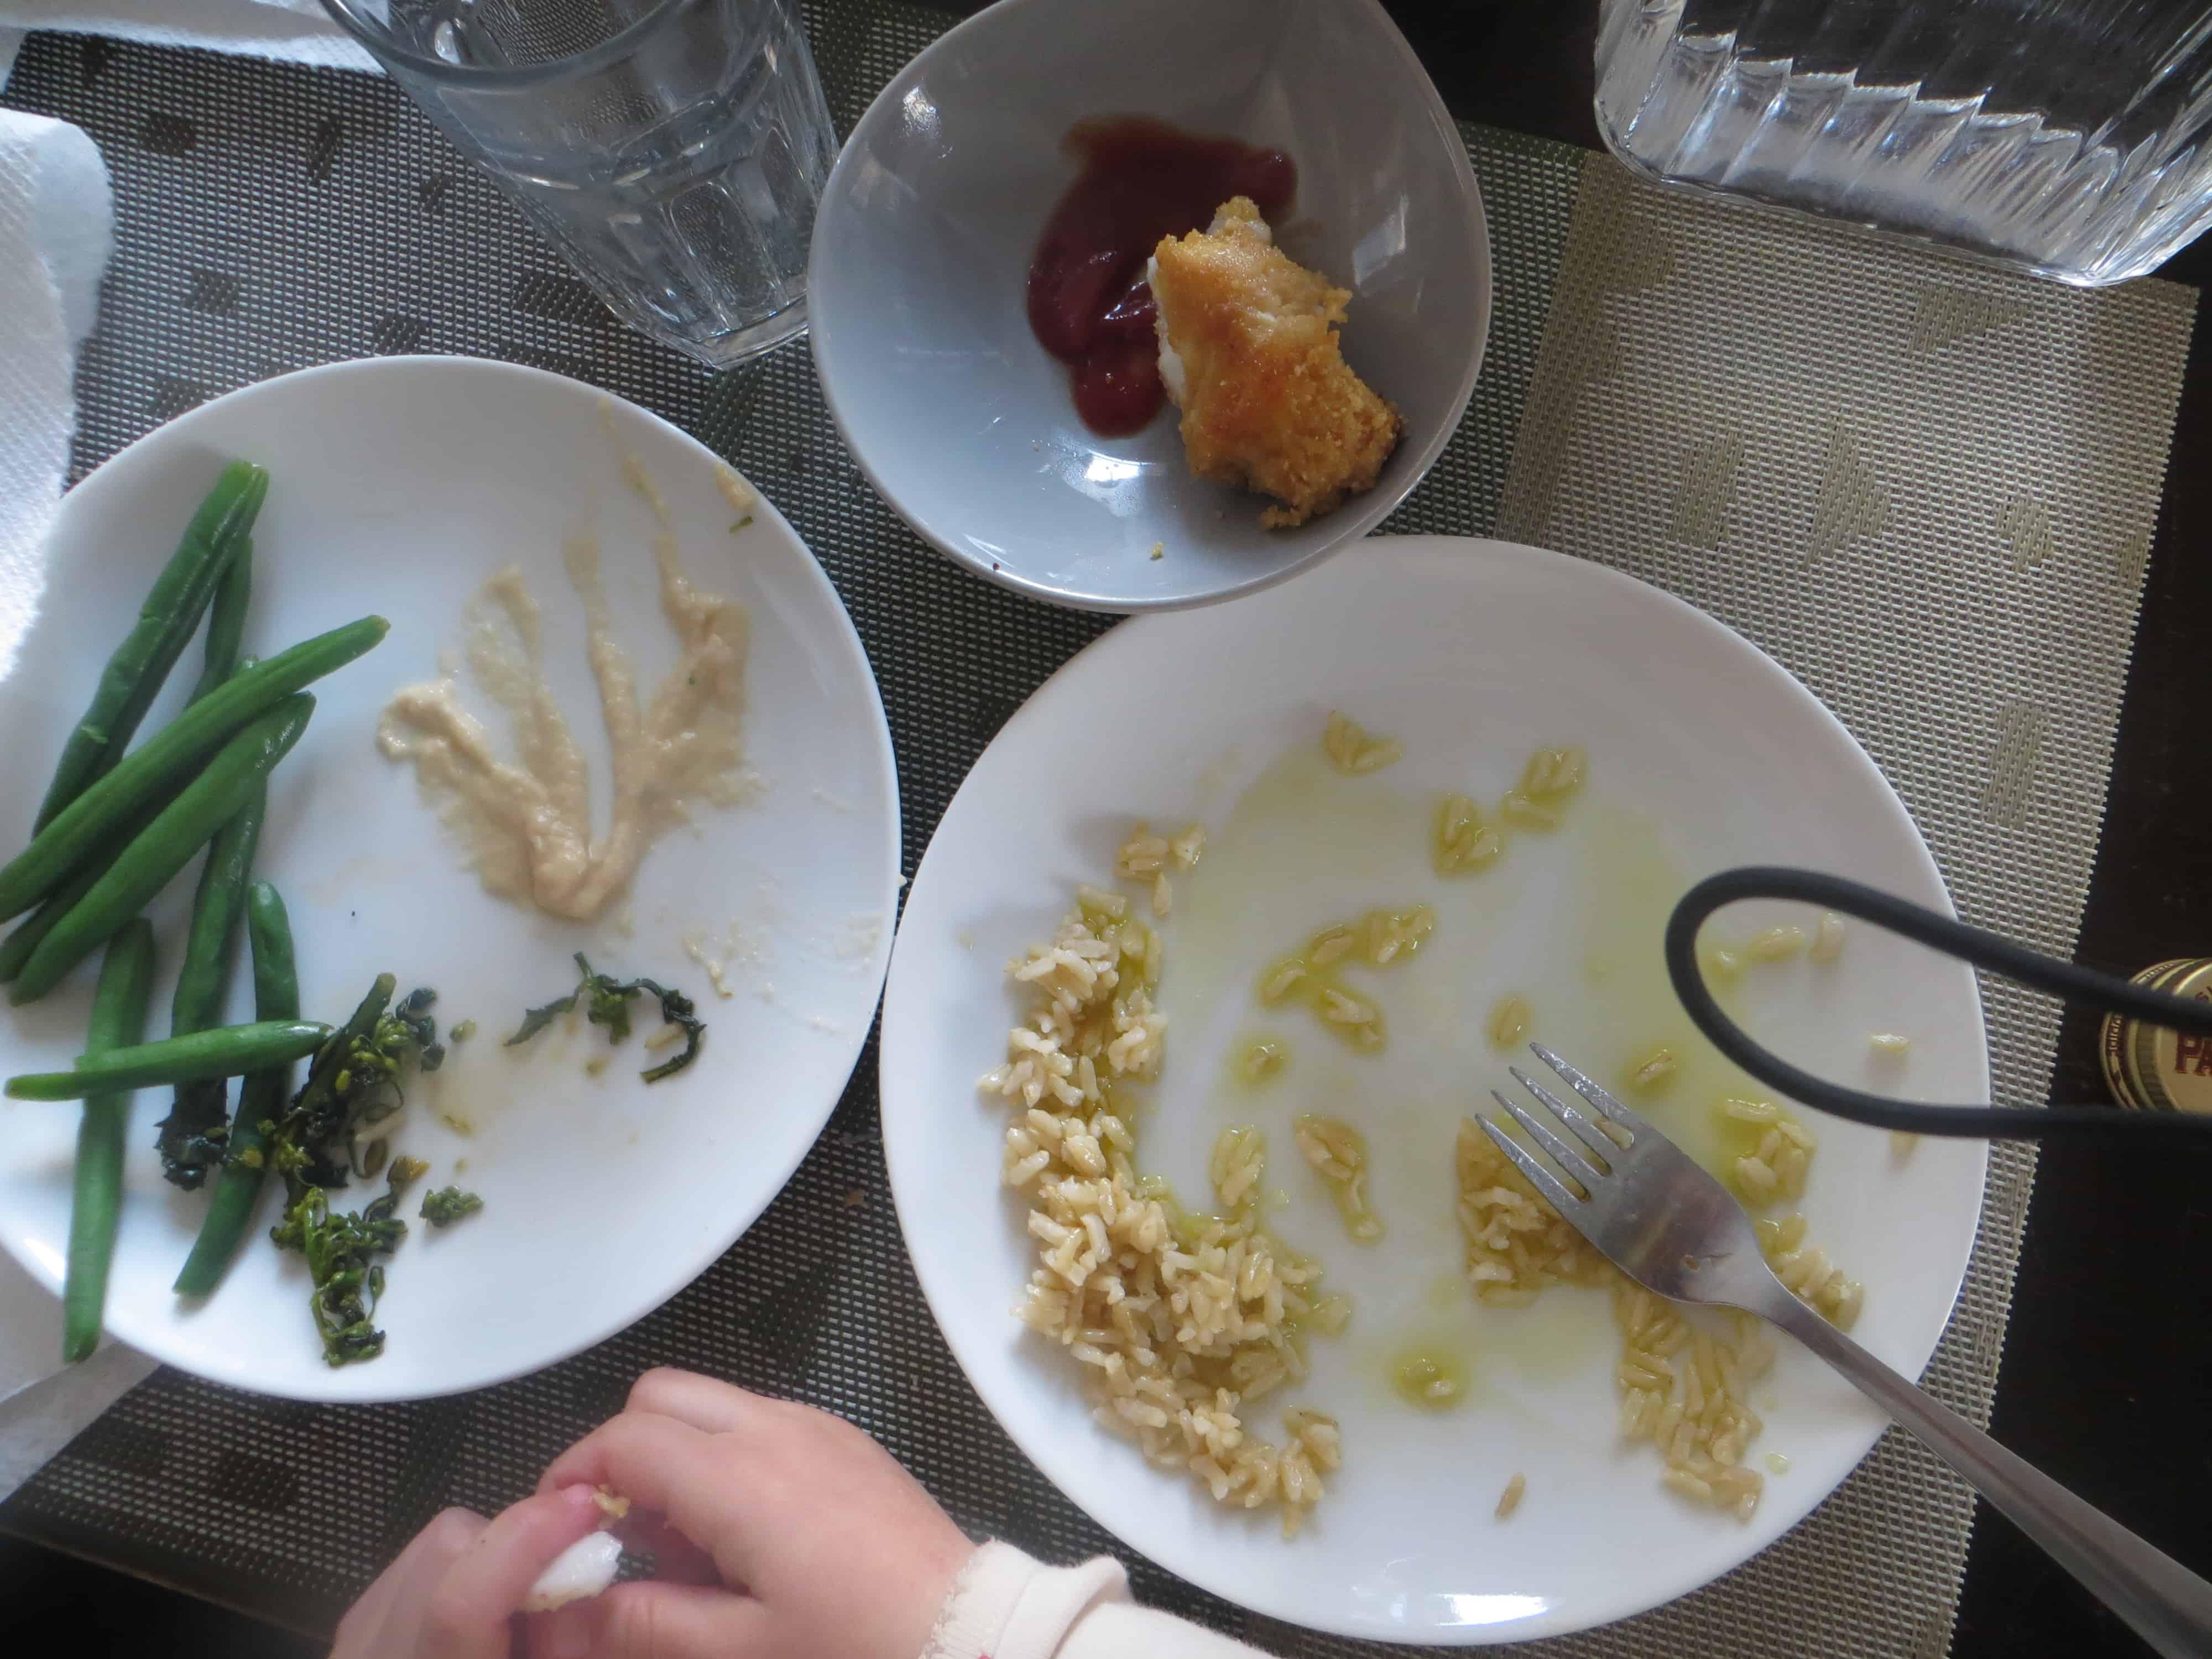 Sofia's plate